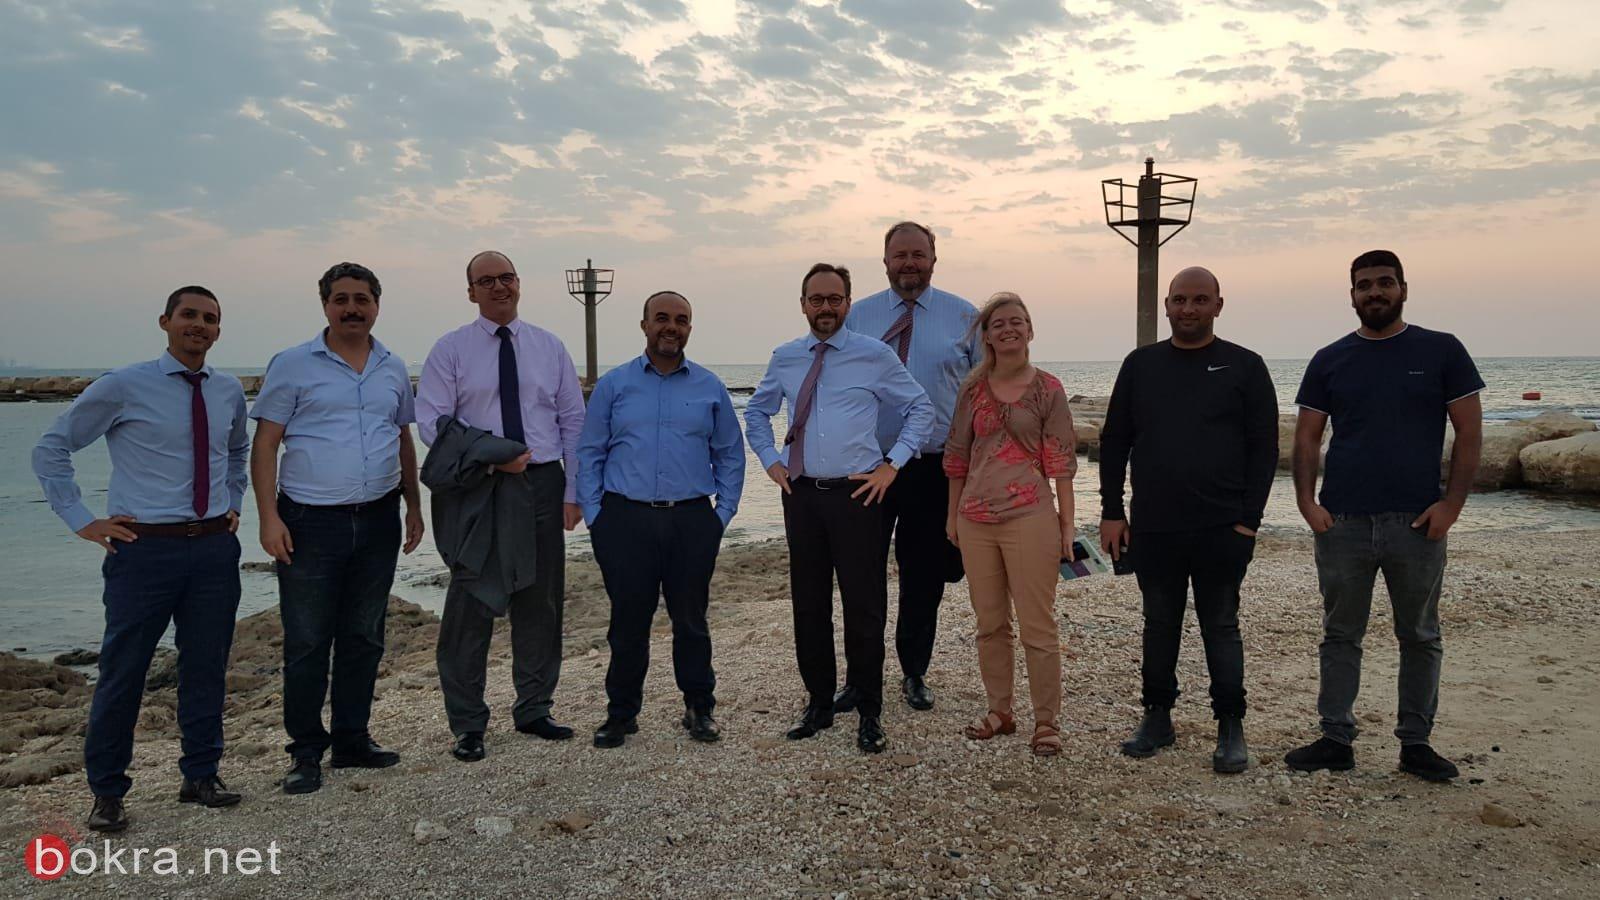 زيارة ميدانية لوفد أوروبي رفيع المستوى لقرية جسر الزرقاء